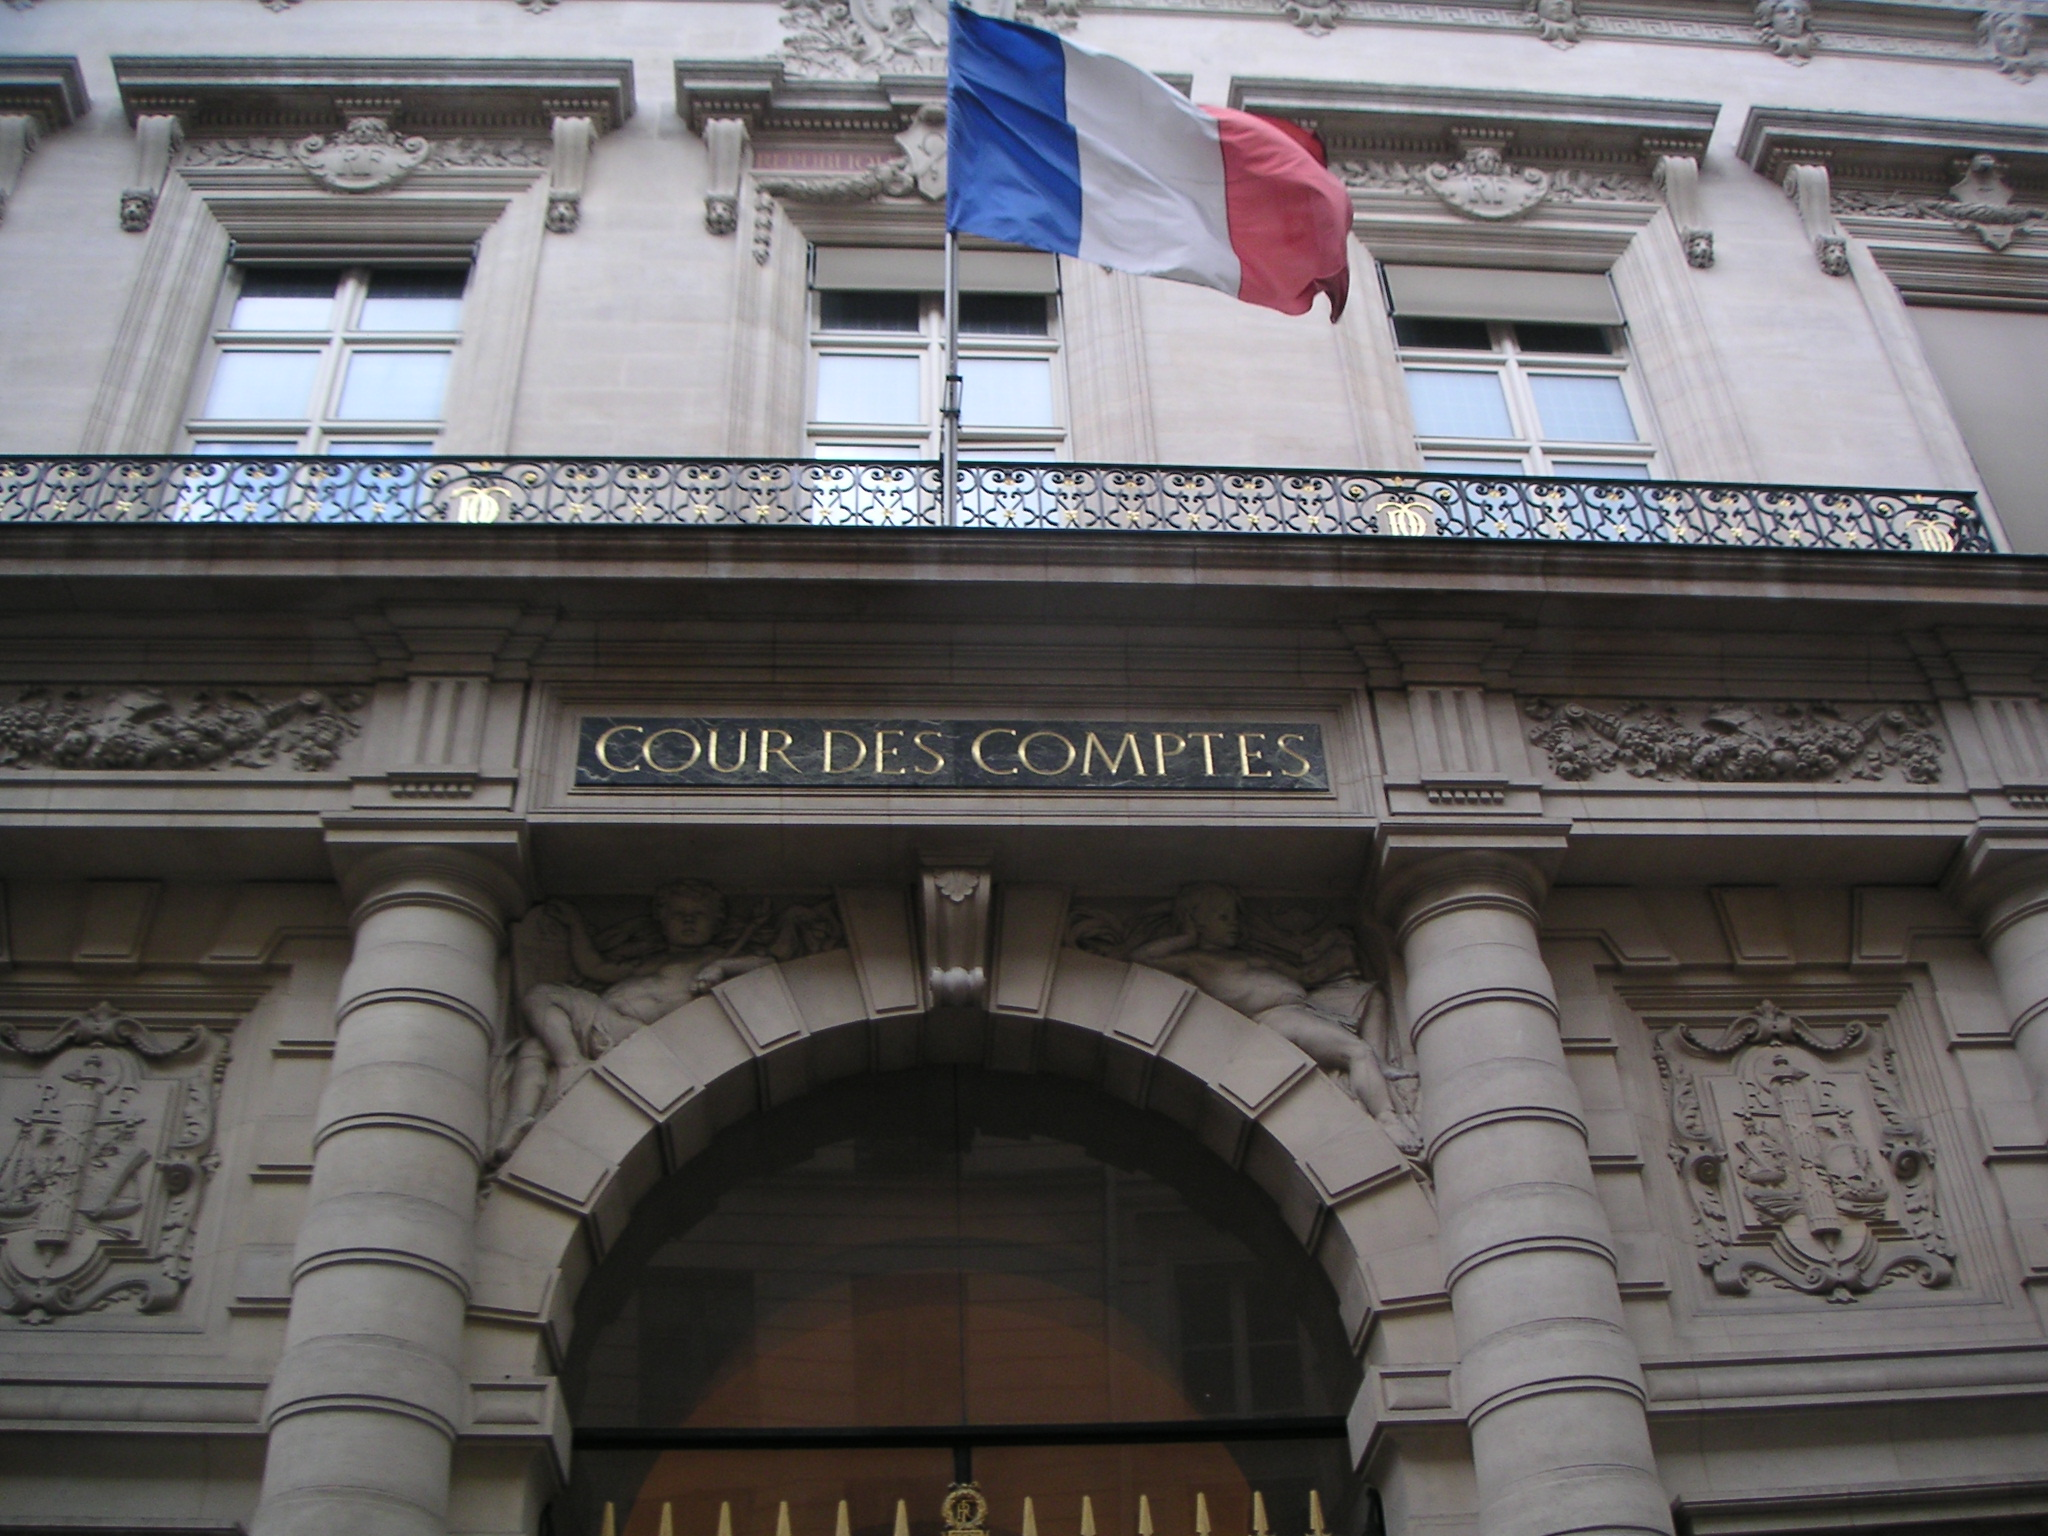 Cour des Comptes à Paris (Crédits : Toun, licence CC-BY-SA 3.0), via Wikimedia.